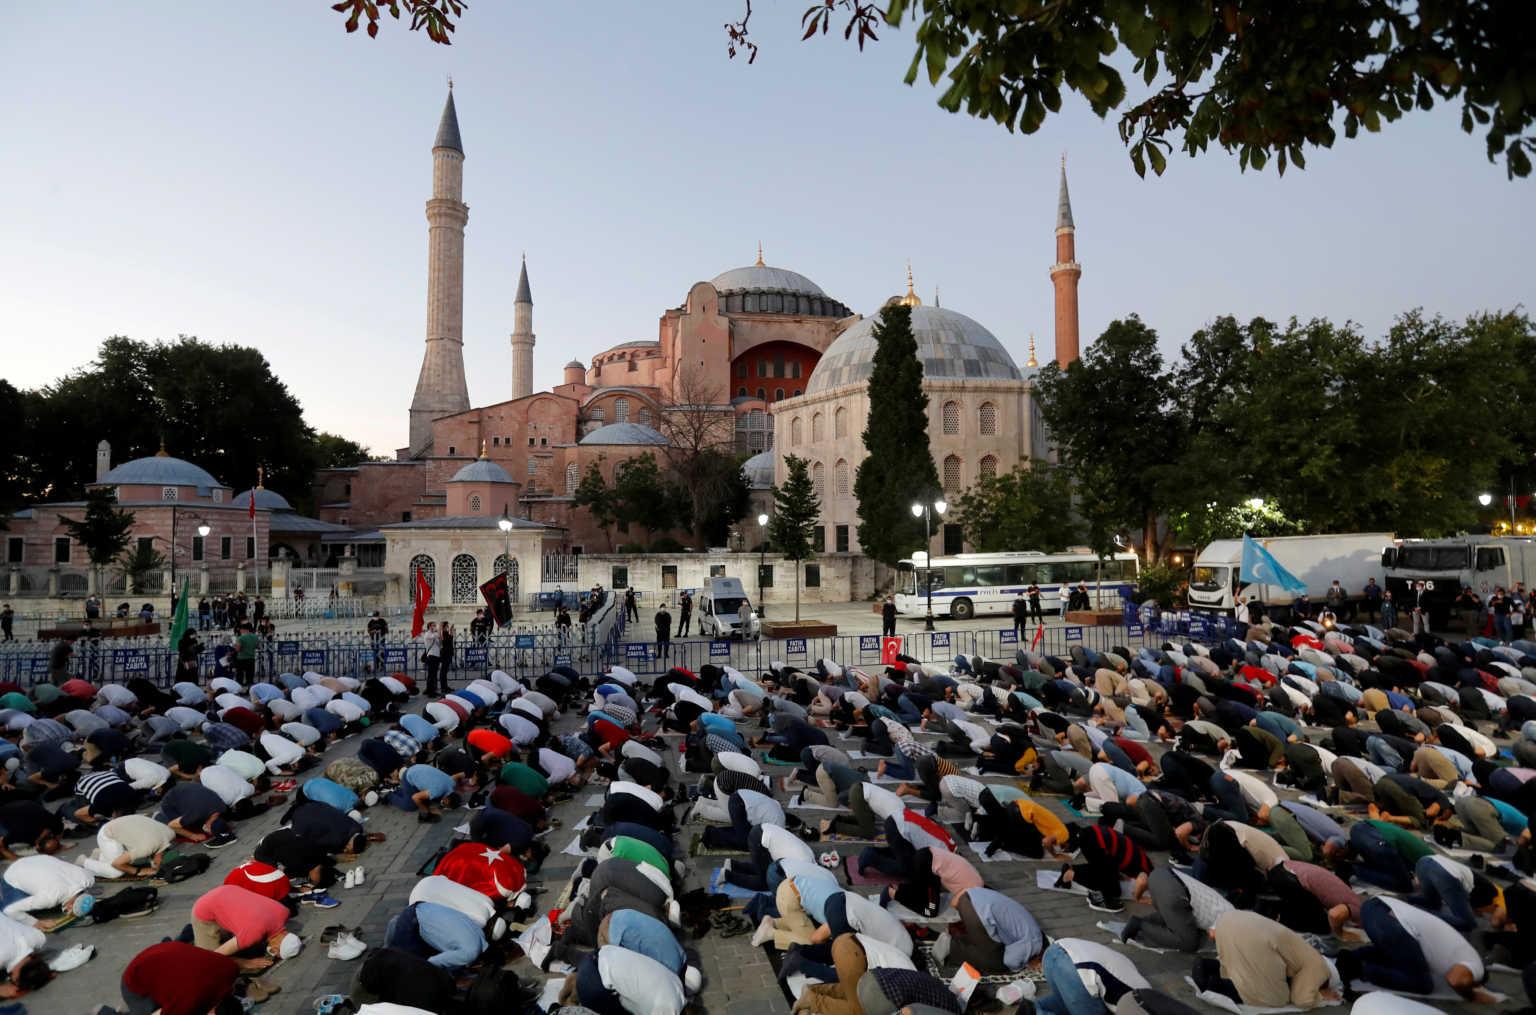 Διεθνές κύμα αντιδράσεων για την απόφαση μετατροπής της Αγίας Σοφίας σε τζαμί